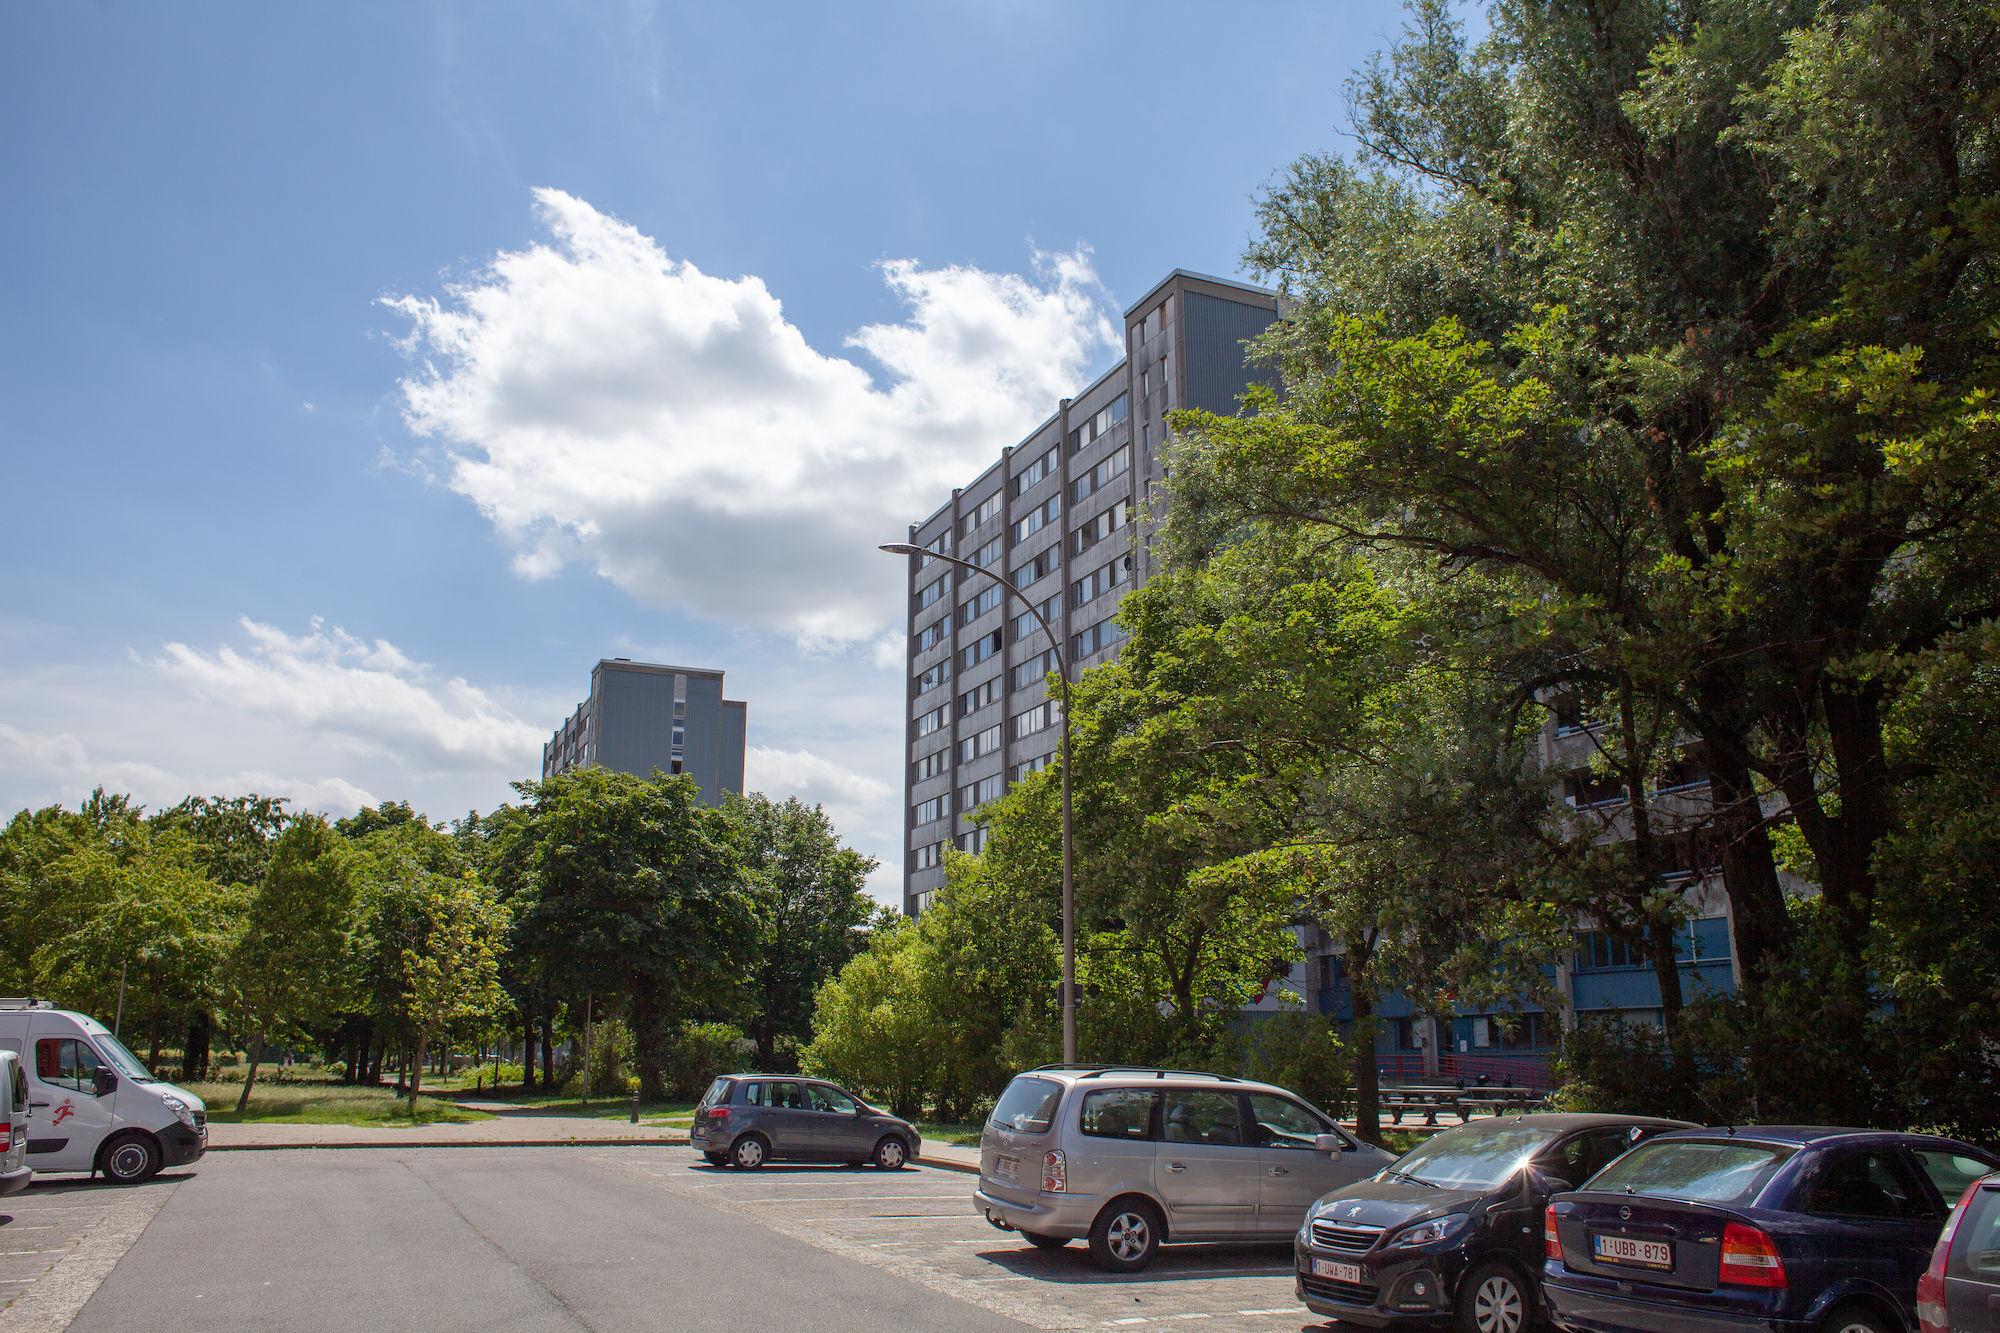 2019-07-01 Nieuw Gent prospectie met Wannes_stadsvernieuwing_IMG_0179-3.jpg